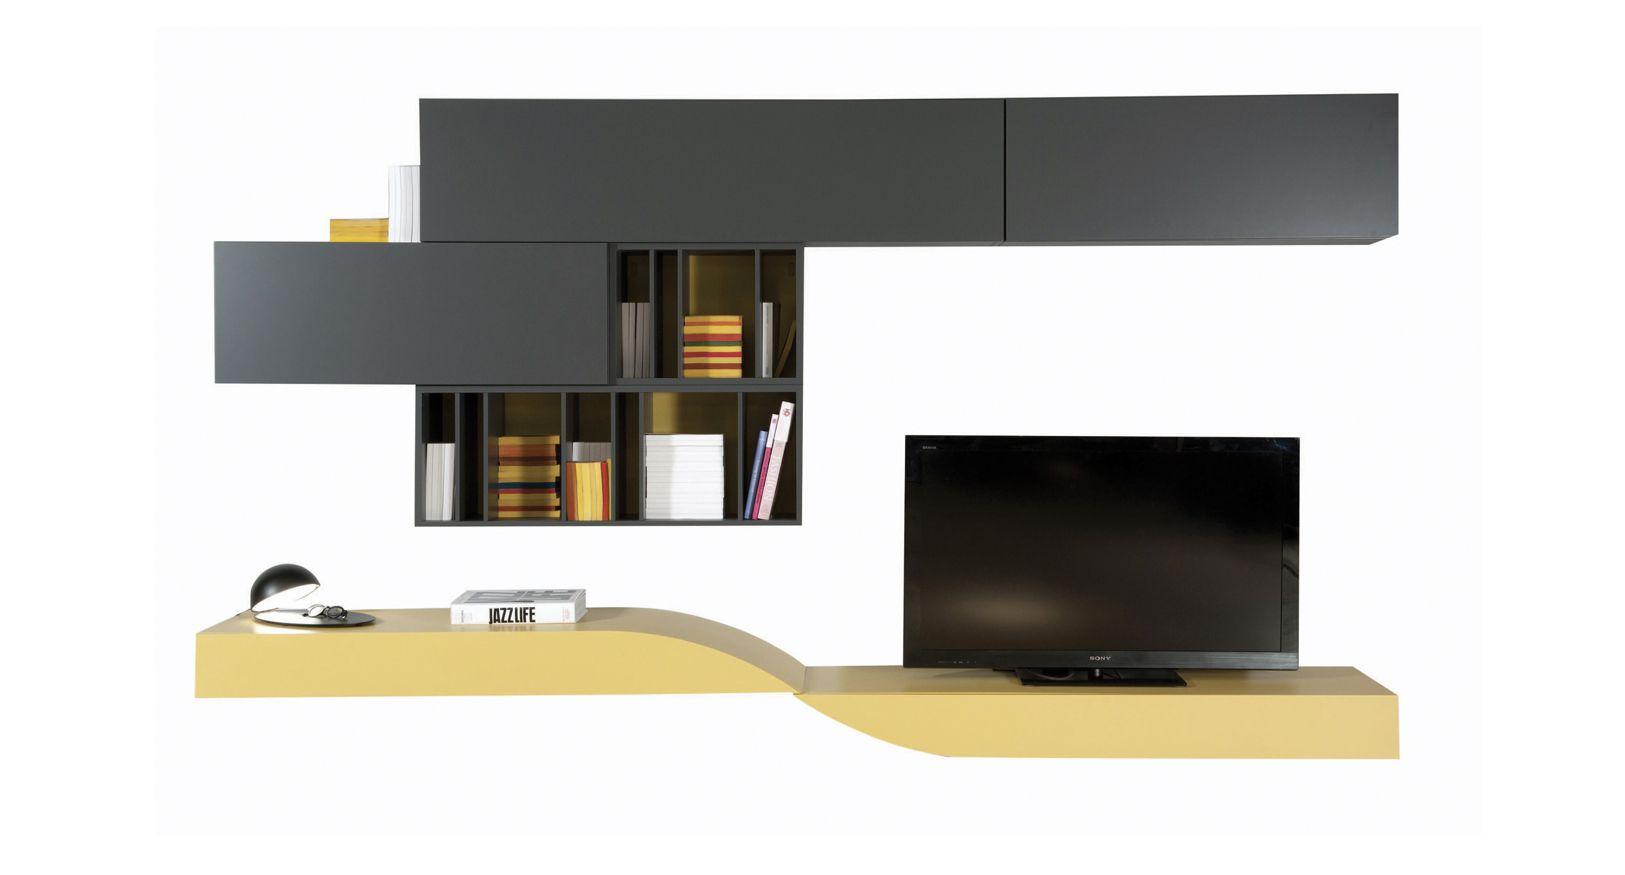 Produits roche bobois notre s lection de meubles design for Meuble de sejour roche bobois